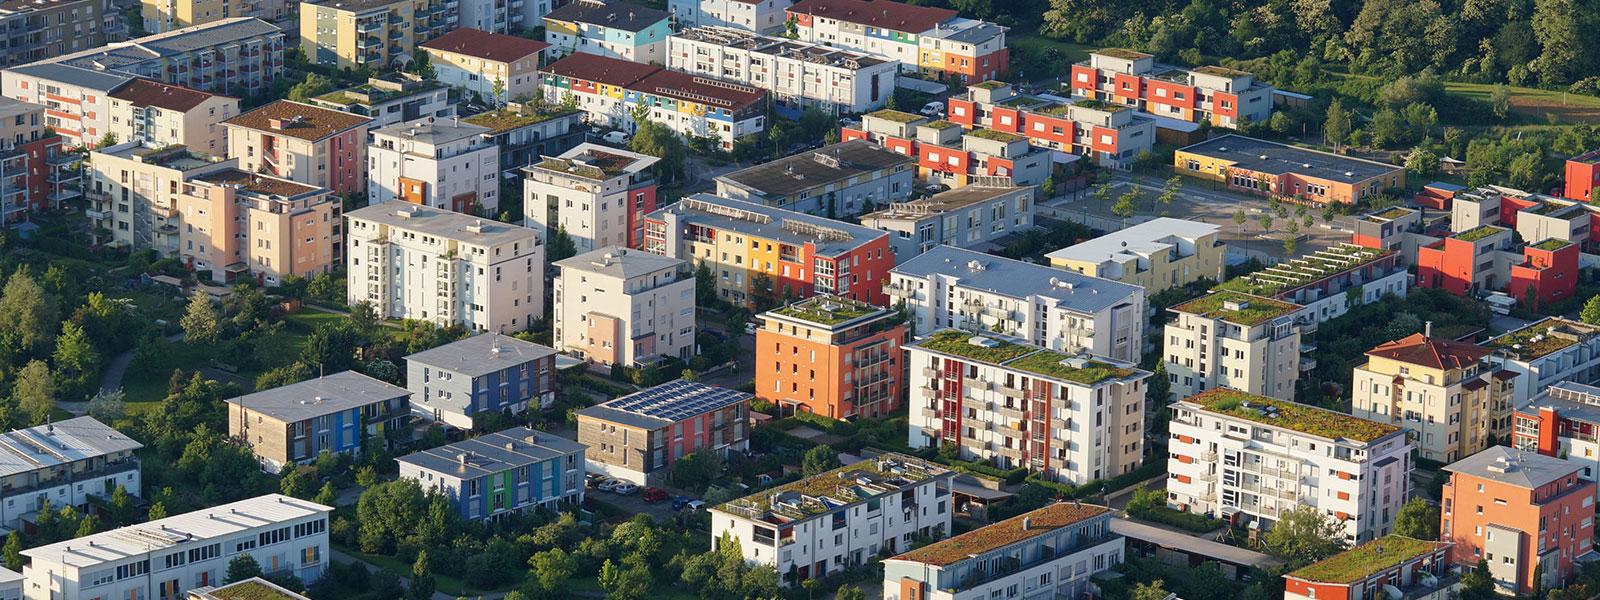 Luftaufnahme Wohnsiedlung